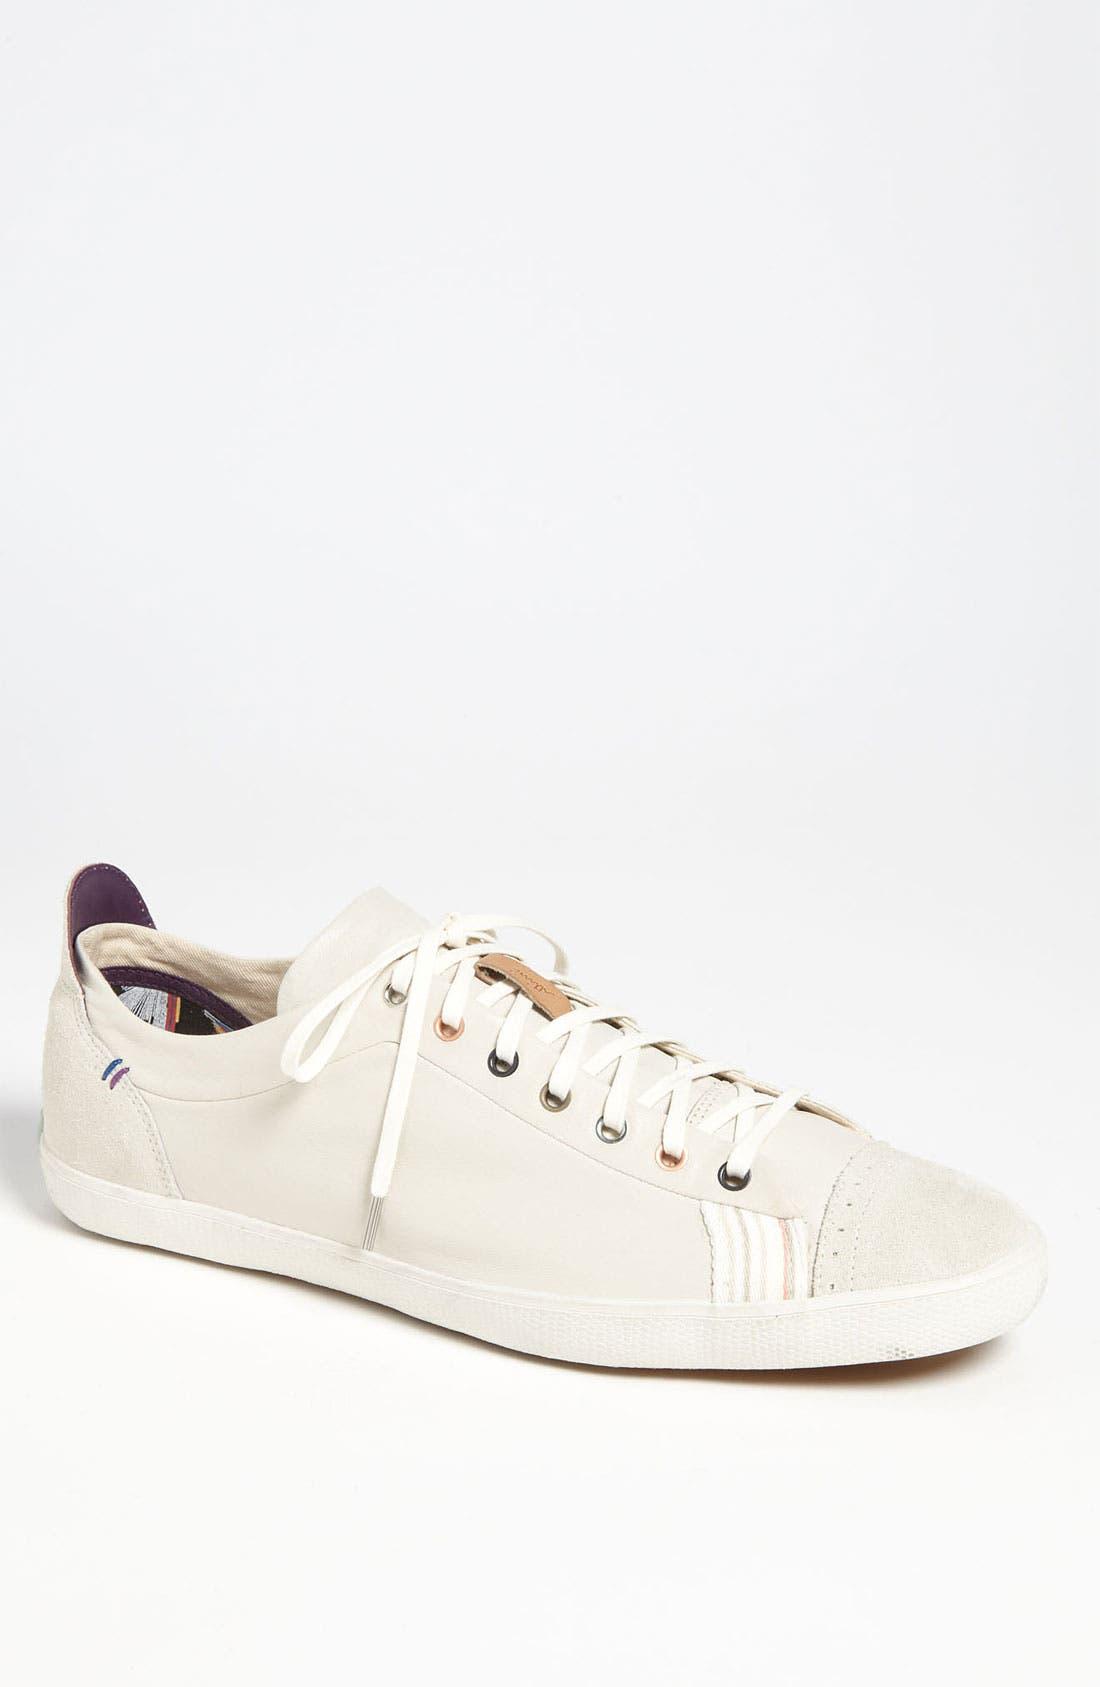 Alternate Image 1 Selected - Paul Smith 'Vestri Lo Pro' Sneaker